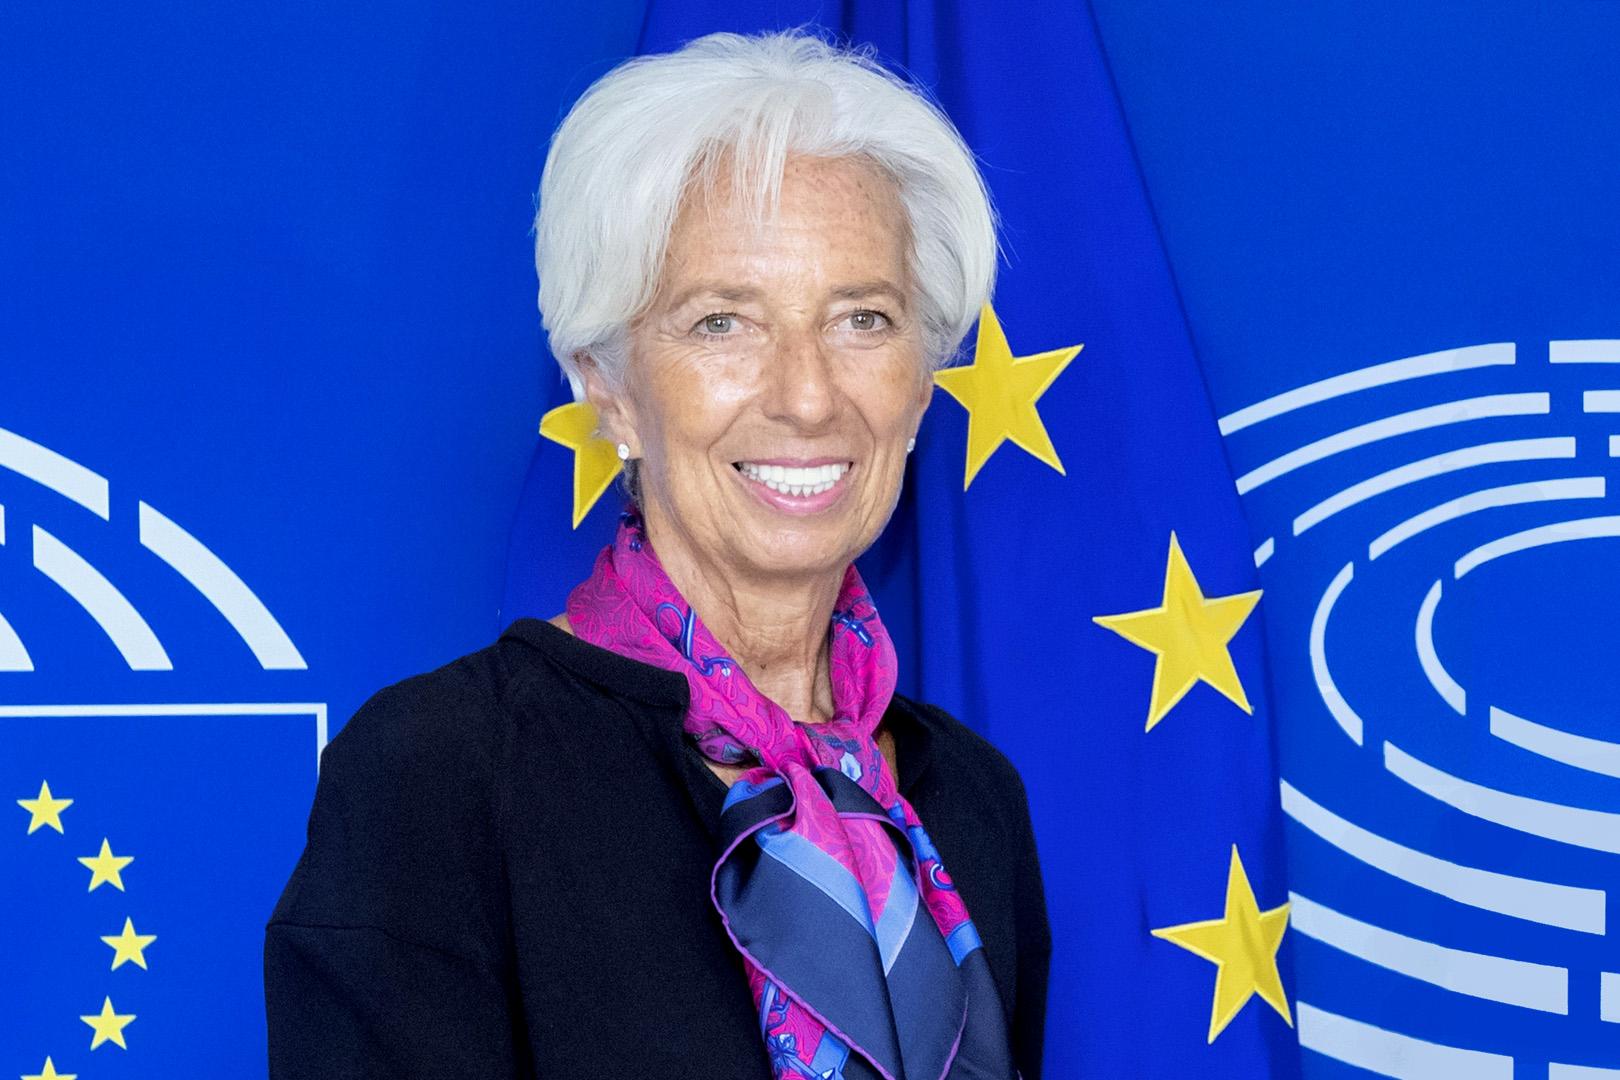 NHTW châu Âu sắp tung ra hướng dẫn mới về chính sách tiền tệ?